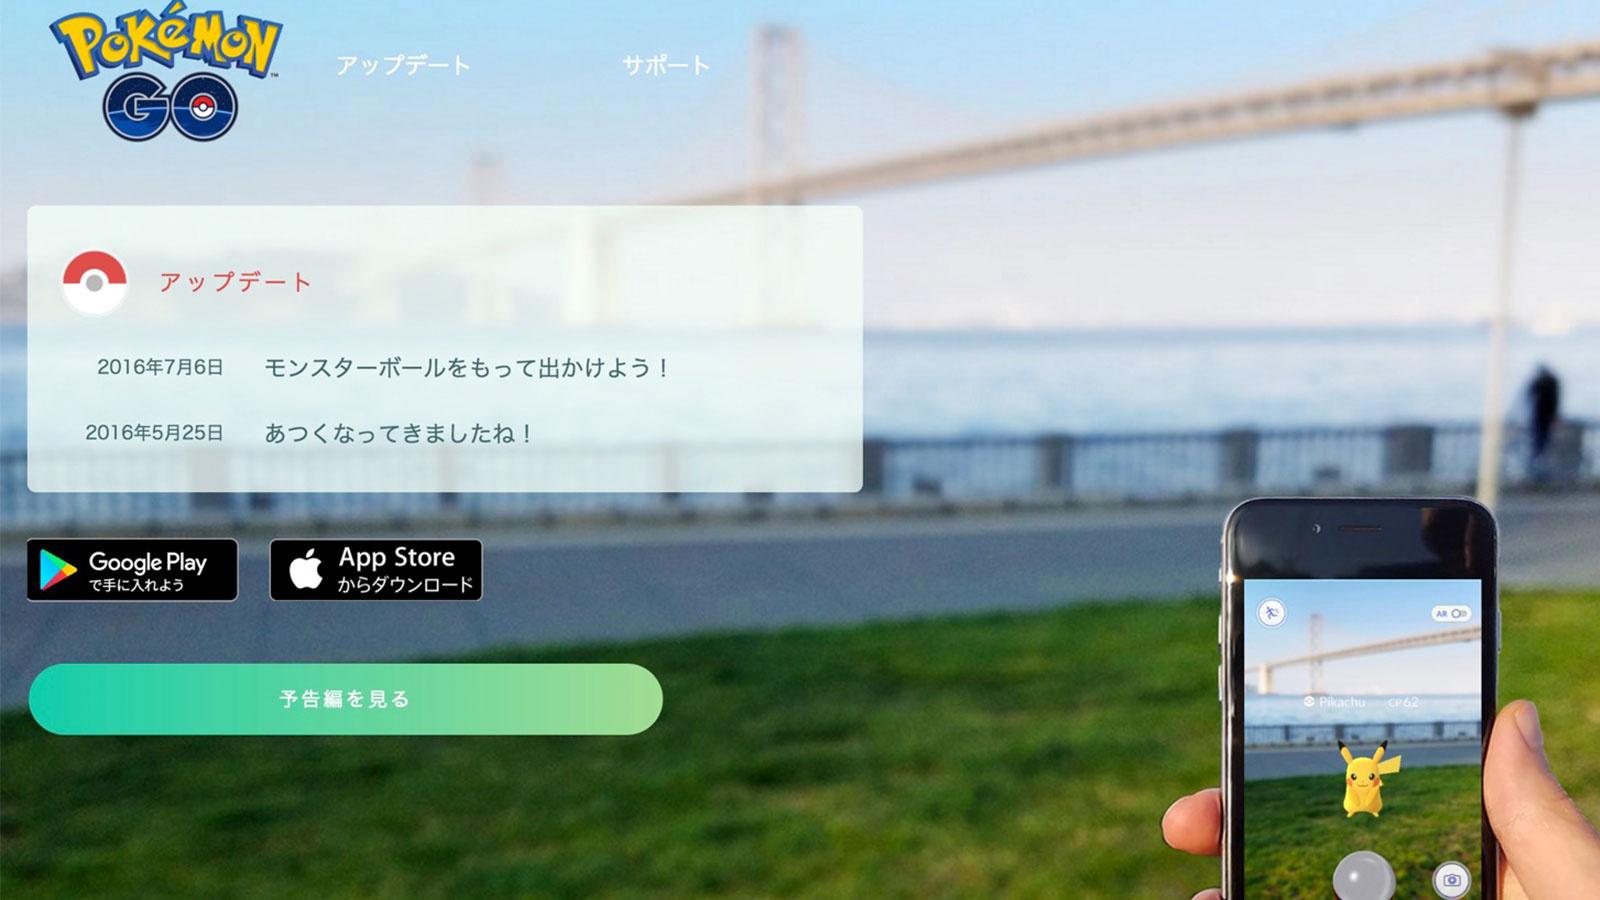 想知道怎麼在日本玩《Pokemon Go》麼